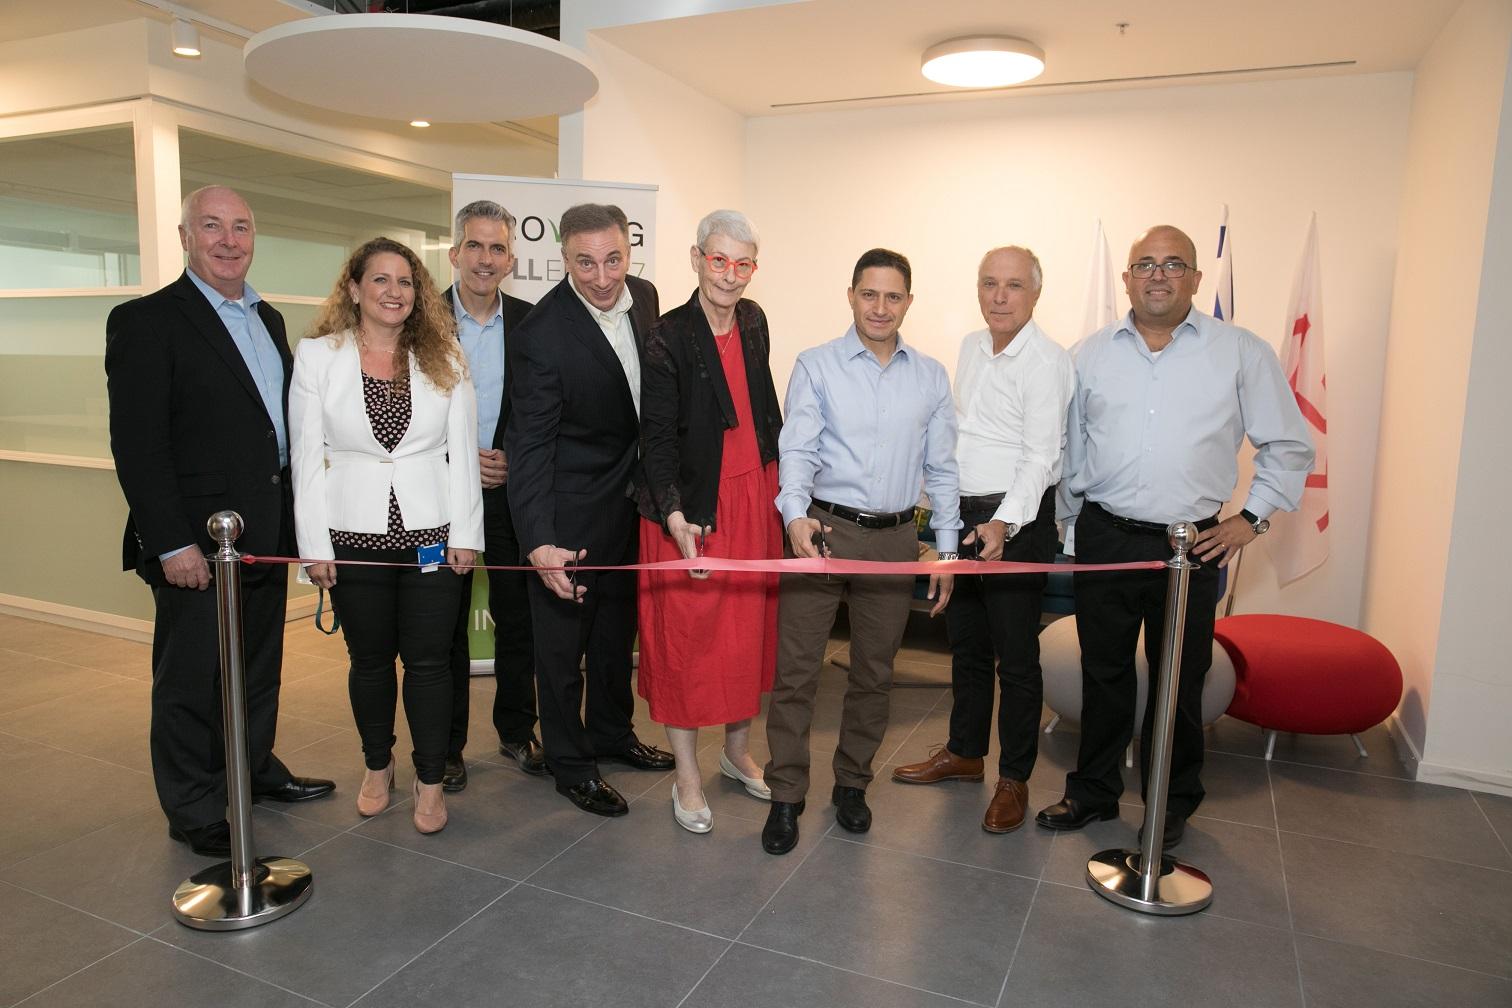 """גוזרים את הסרט: מימין - שלומי ליברמן, סמנכ""""ל התפעול של מרכז המצוינות של Dell-EMC בבאר שבע; אבי יעקובוביץ', מנכ""""ל גב ים; רוביק דנילוביץ', ראש עיריית באר שבע; ד""""ר ארנה ברי, סגנית נשיא ומנכ""""לית מרכז המצוינות של Dell-EMC בישראל; פרנק הוק, נשיא חטיבת לקוחות ושווקים ב-Dell-EMC; ד""""ר יניב הראל, מנהל קבוצת הסייבר של החברה; מאיה הופמן-לוי, מנכ""""לית מרכז הפיתוח בבאר שבע; וליאם קווין, מנהל טכנולוגיות ראשי וסגן נשיא בכיר ב-דל. צילןם: דייגו מיטלברג"""